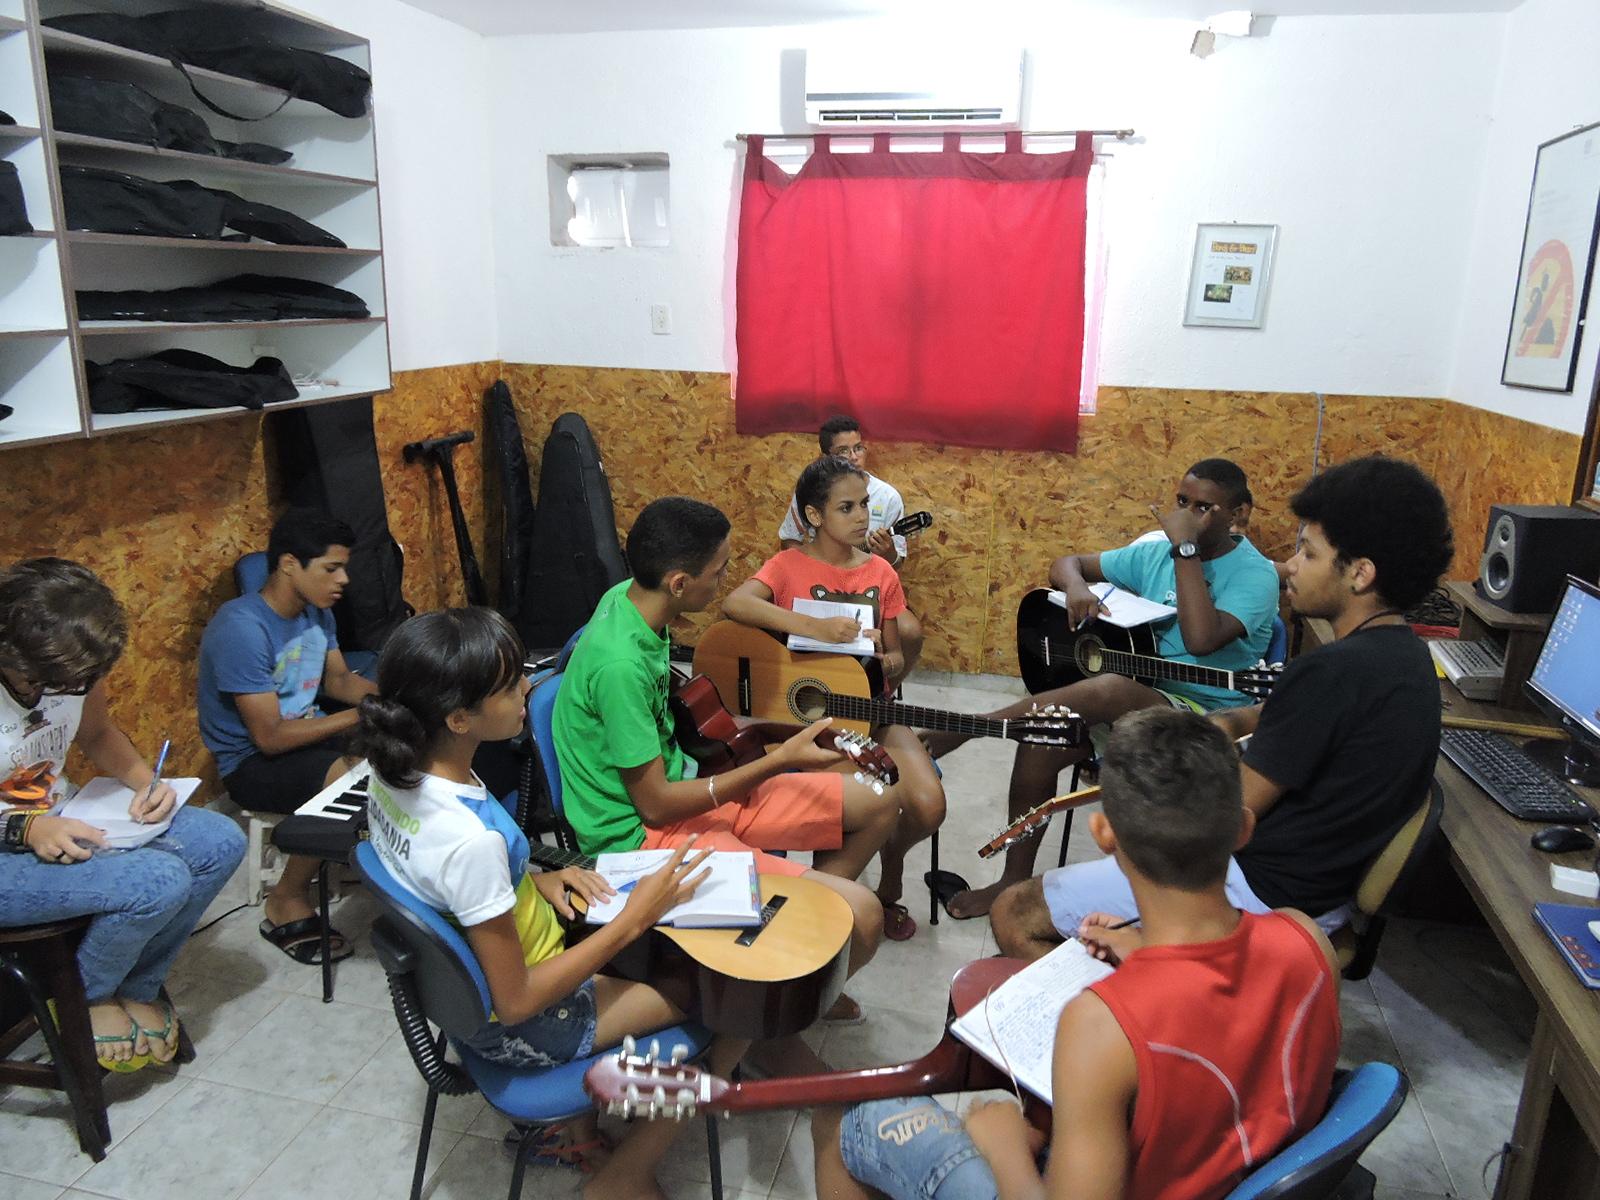 A organização faz parcerias para promover atividades variadas com as crianças